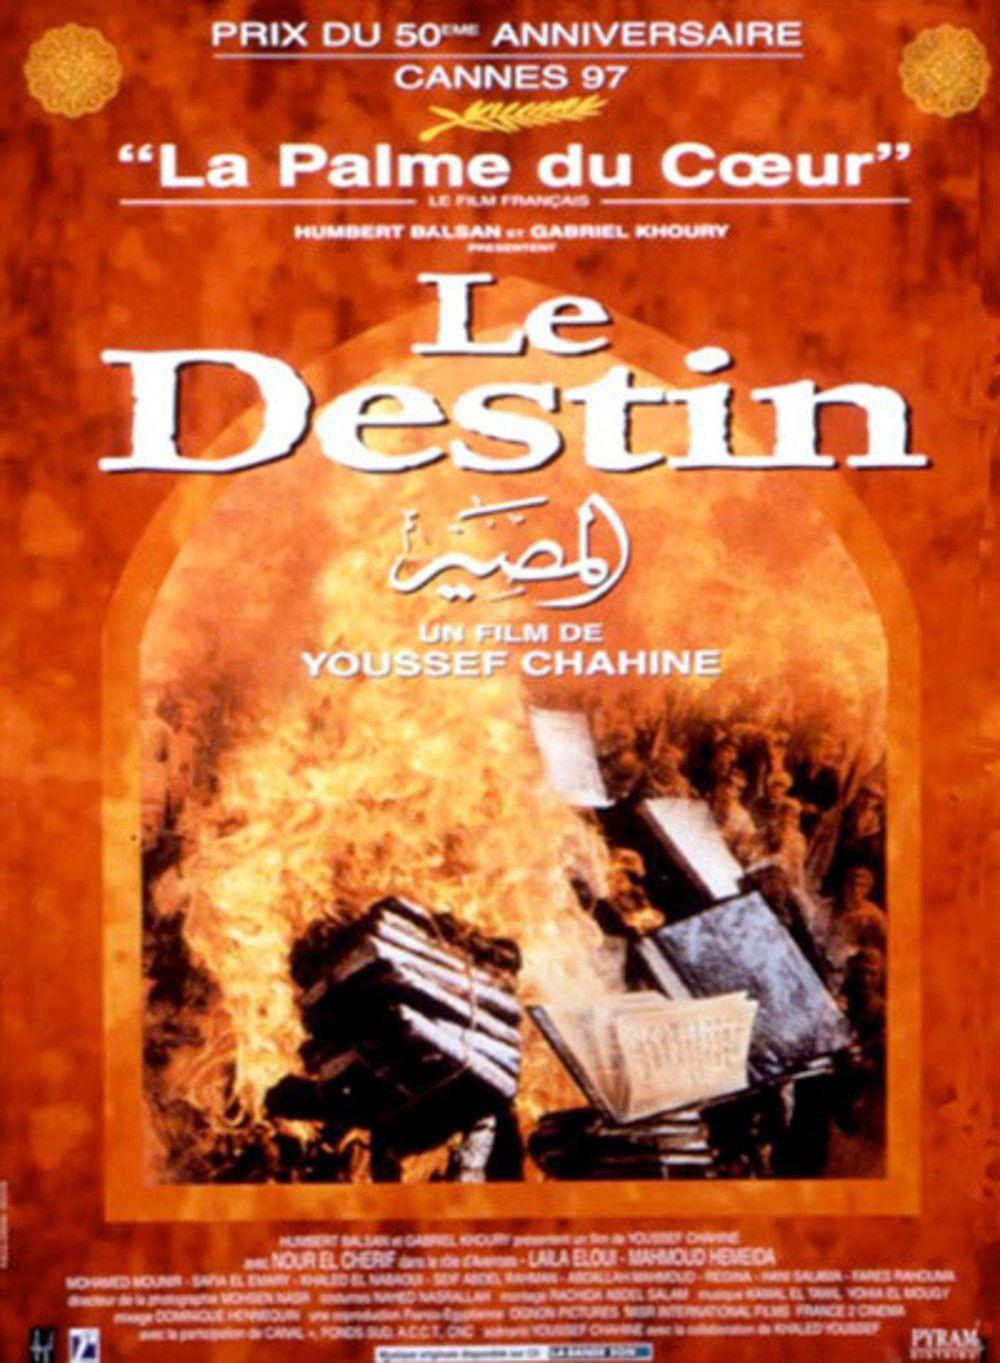 anniversaire cinema carcassonne